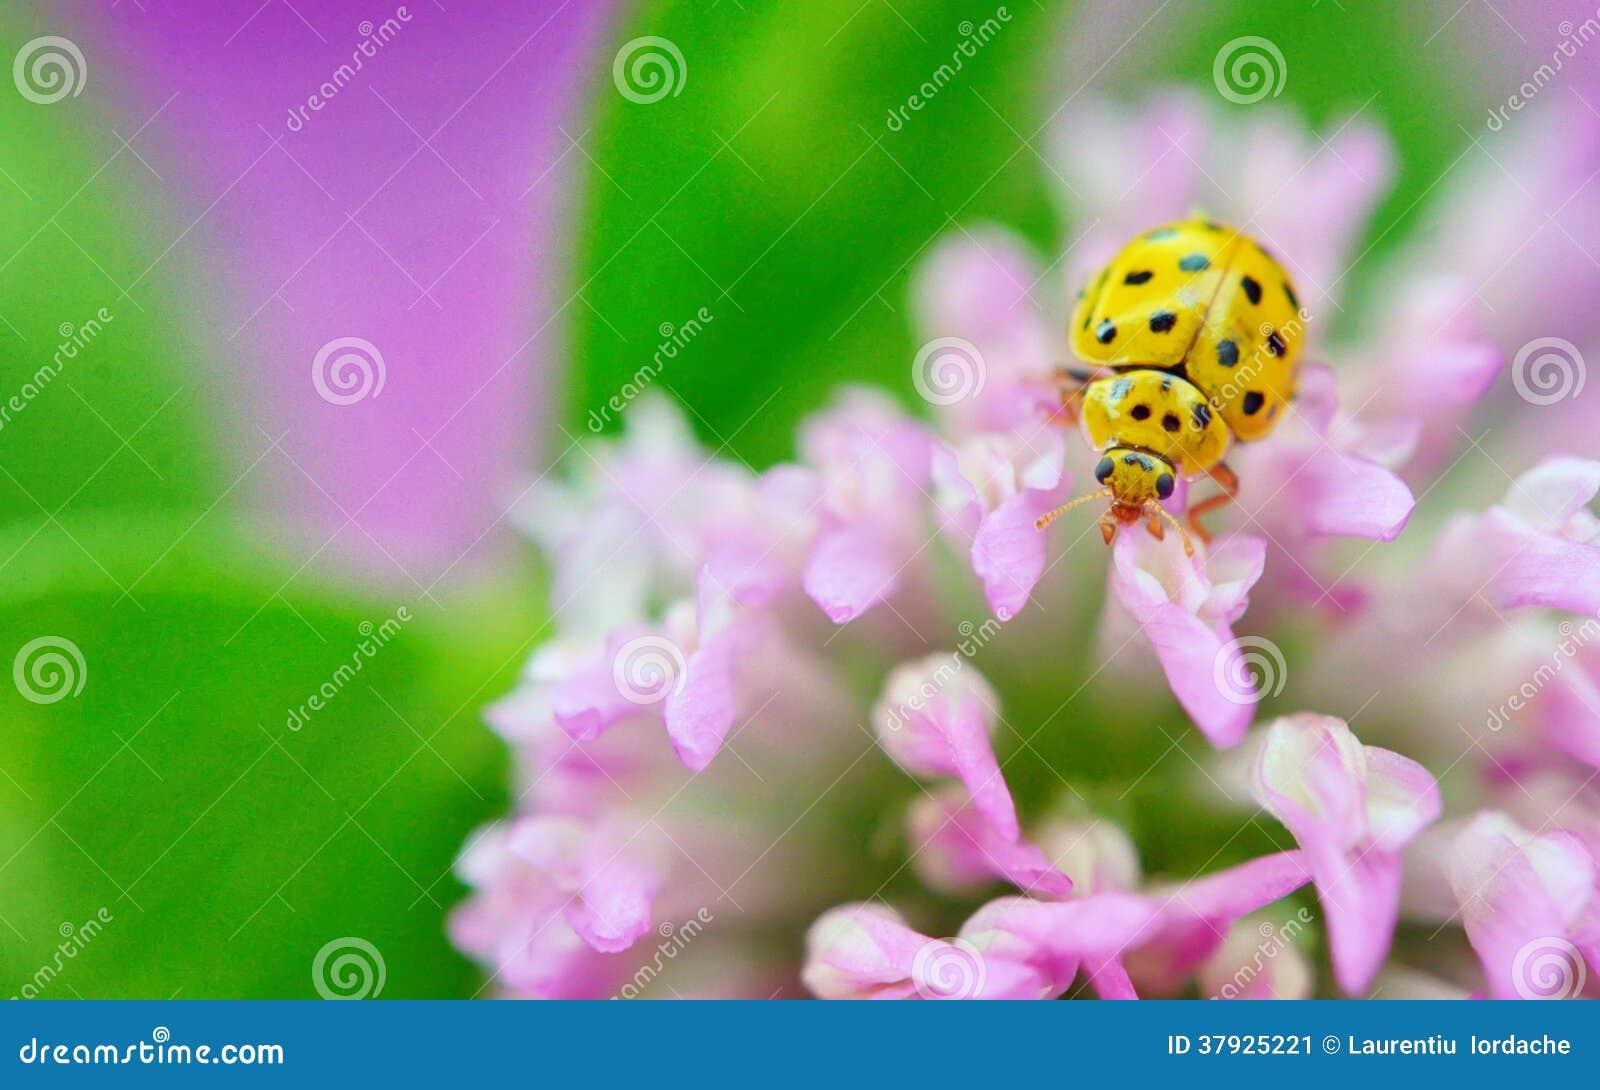 Желтый ladybug на фиолетовых цветках